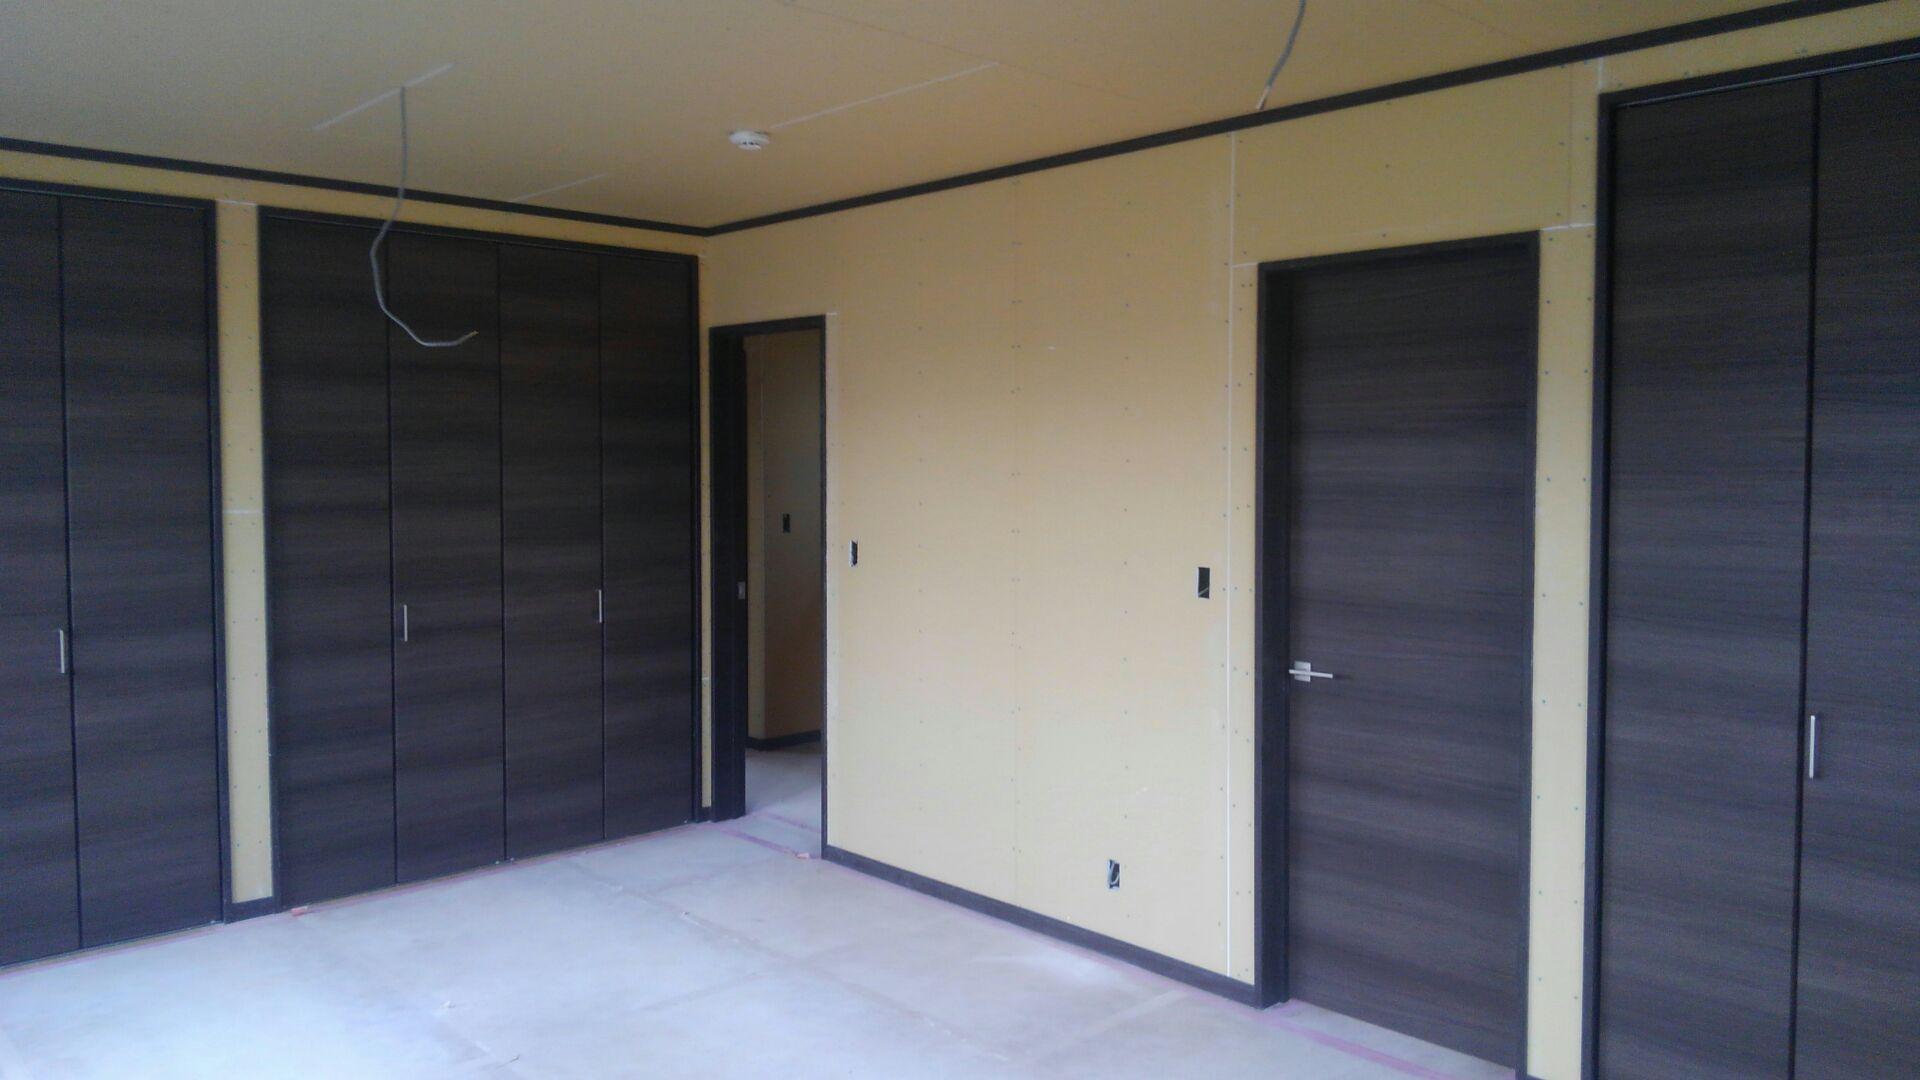 2階の子供部屋、将来間仕切りを取り入れて二部屋も可能です。